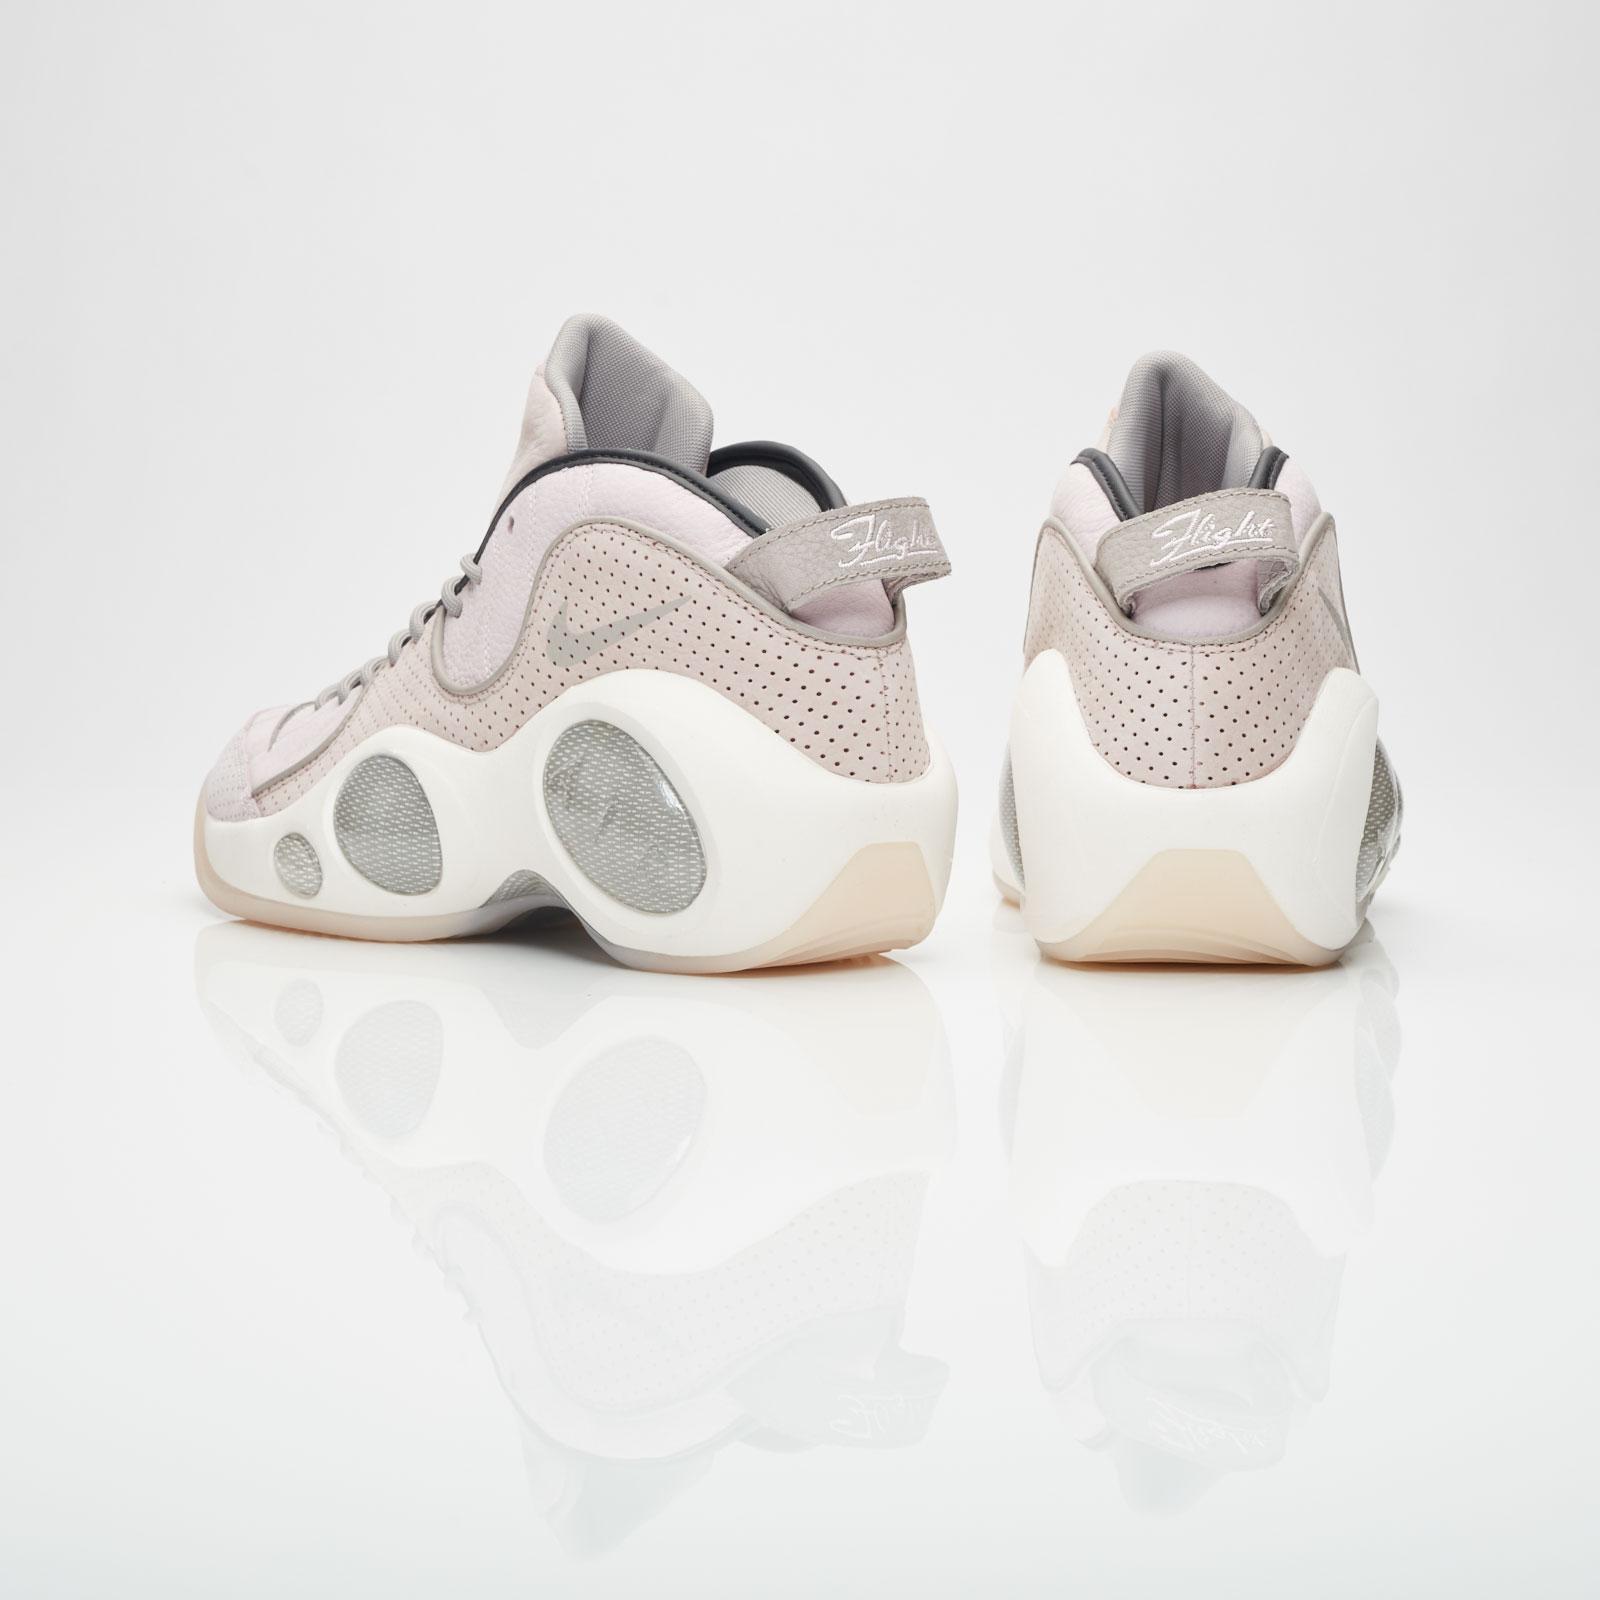 61af14d5f71a Nike Zoom Flight 95 - 941943-600 - Sneakersnstuff